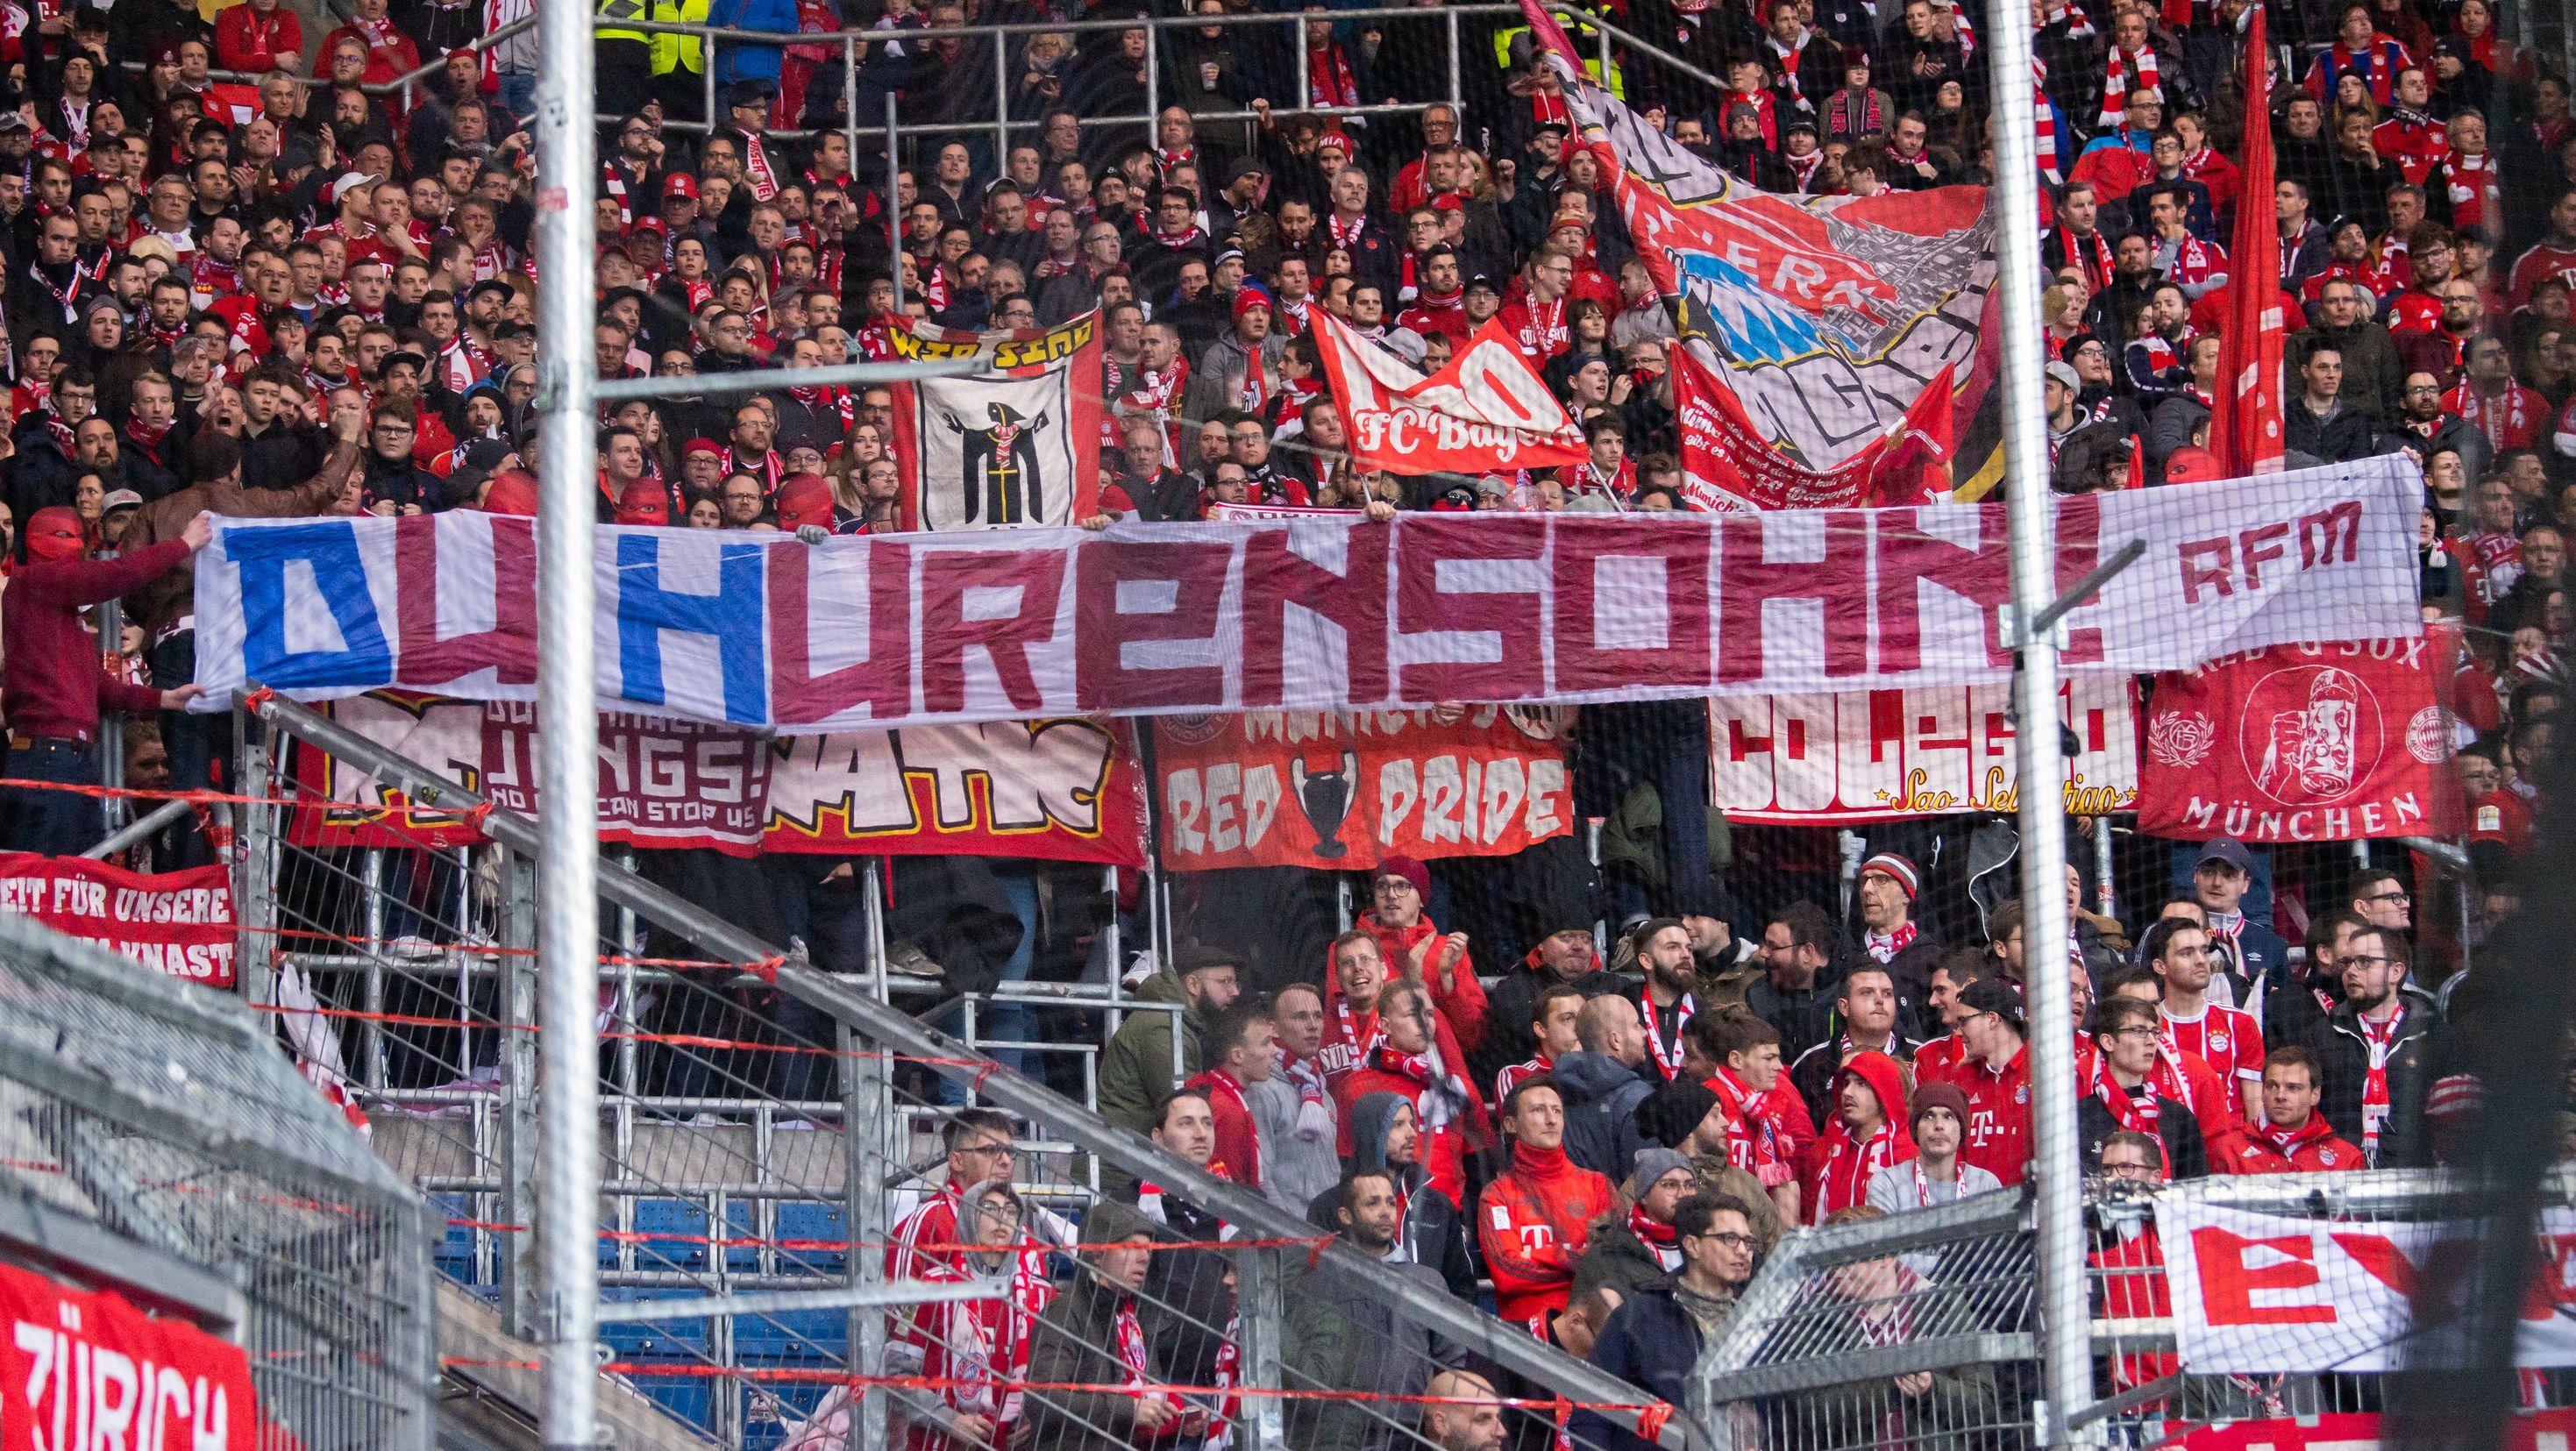 Schmähplakate der Bayern-Fans im Fußballstadion mit der Aufschrift Hurensohn